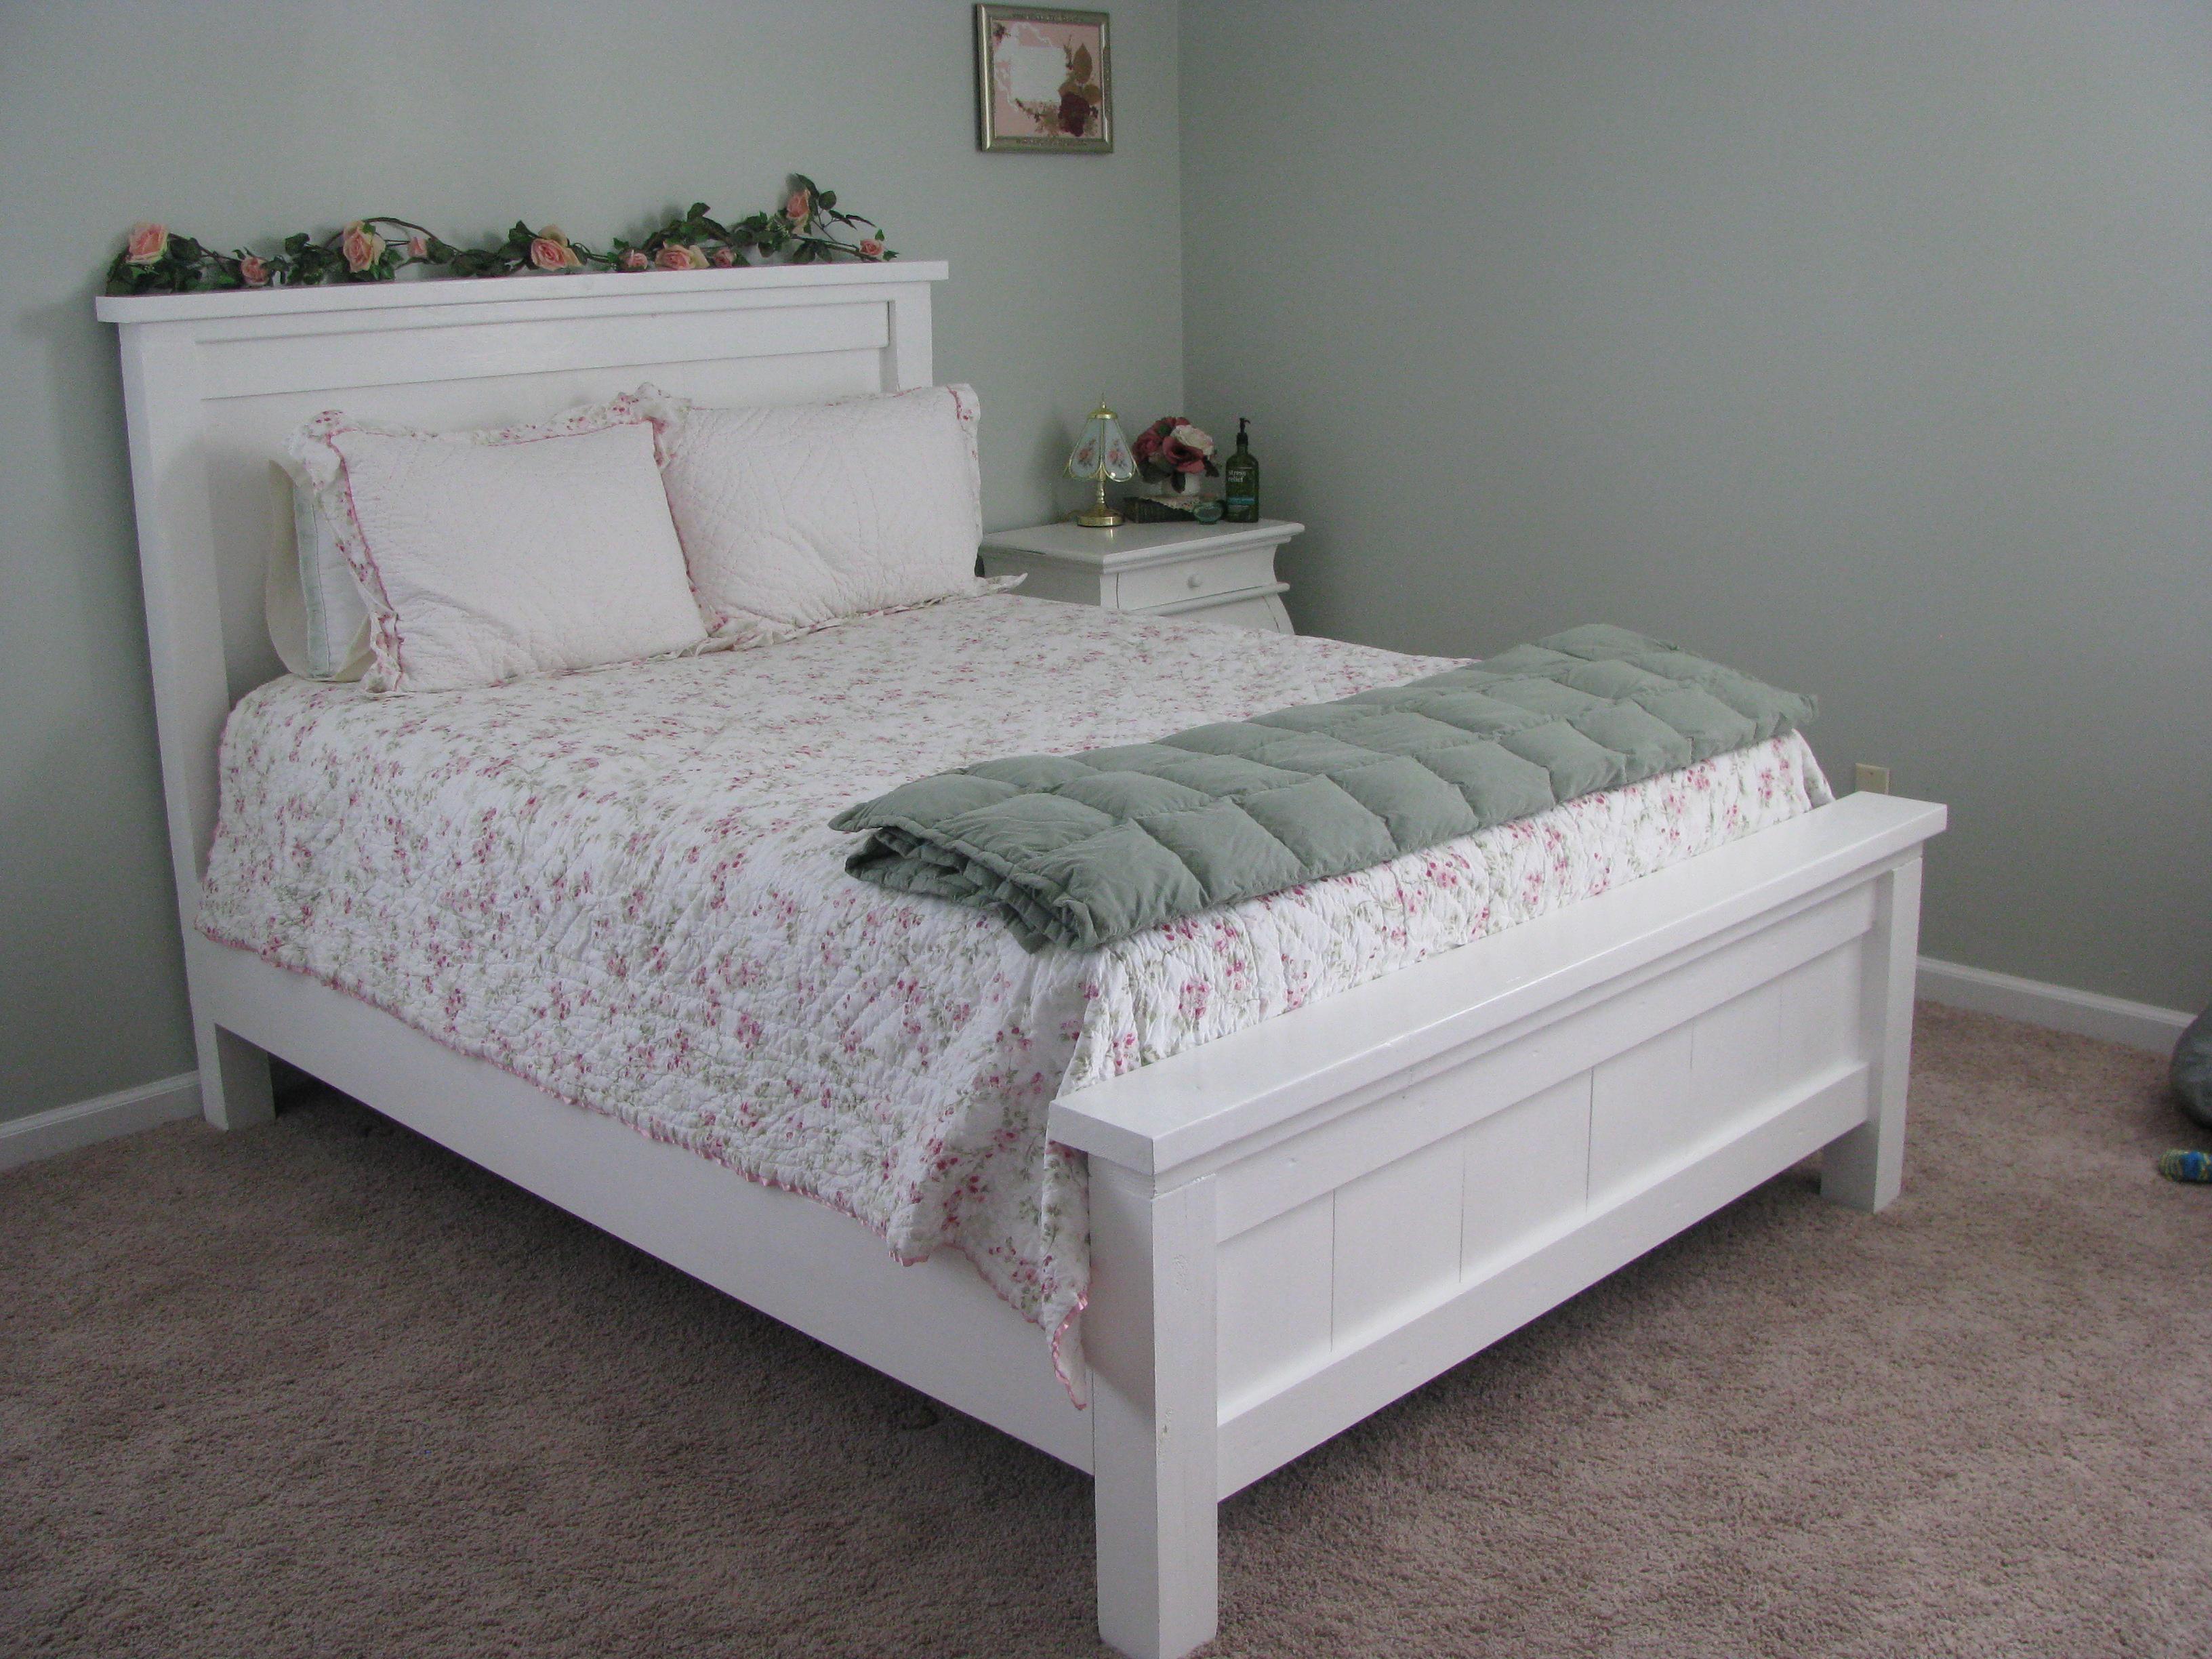 Ana white shabby chic farmhouse bed diy projects for Shabby chic farmhouse